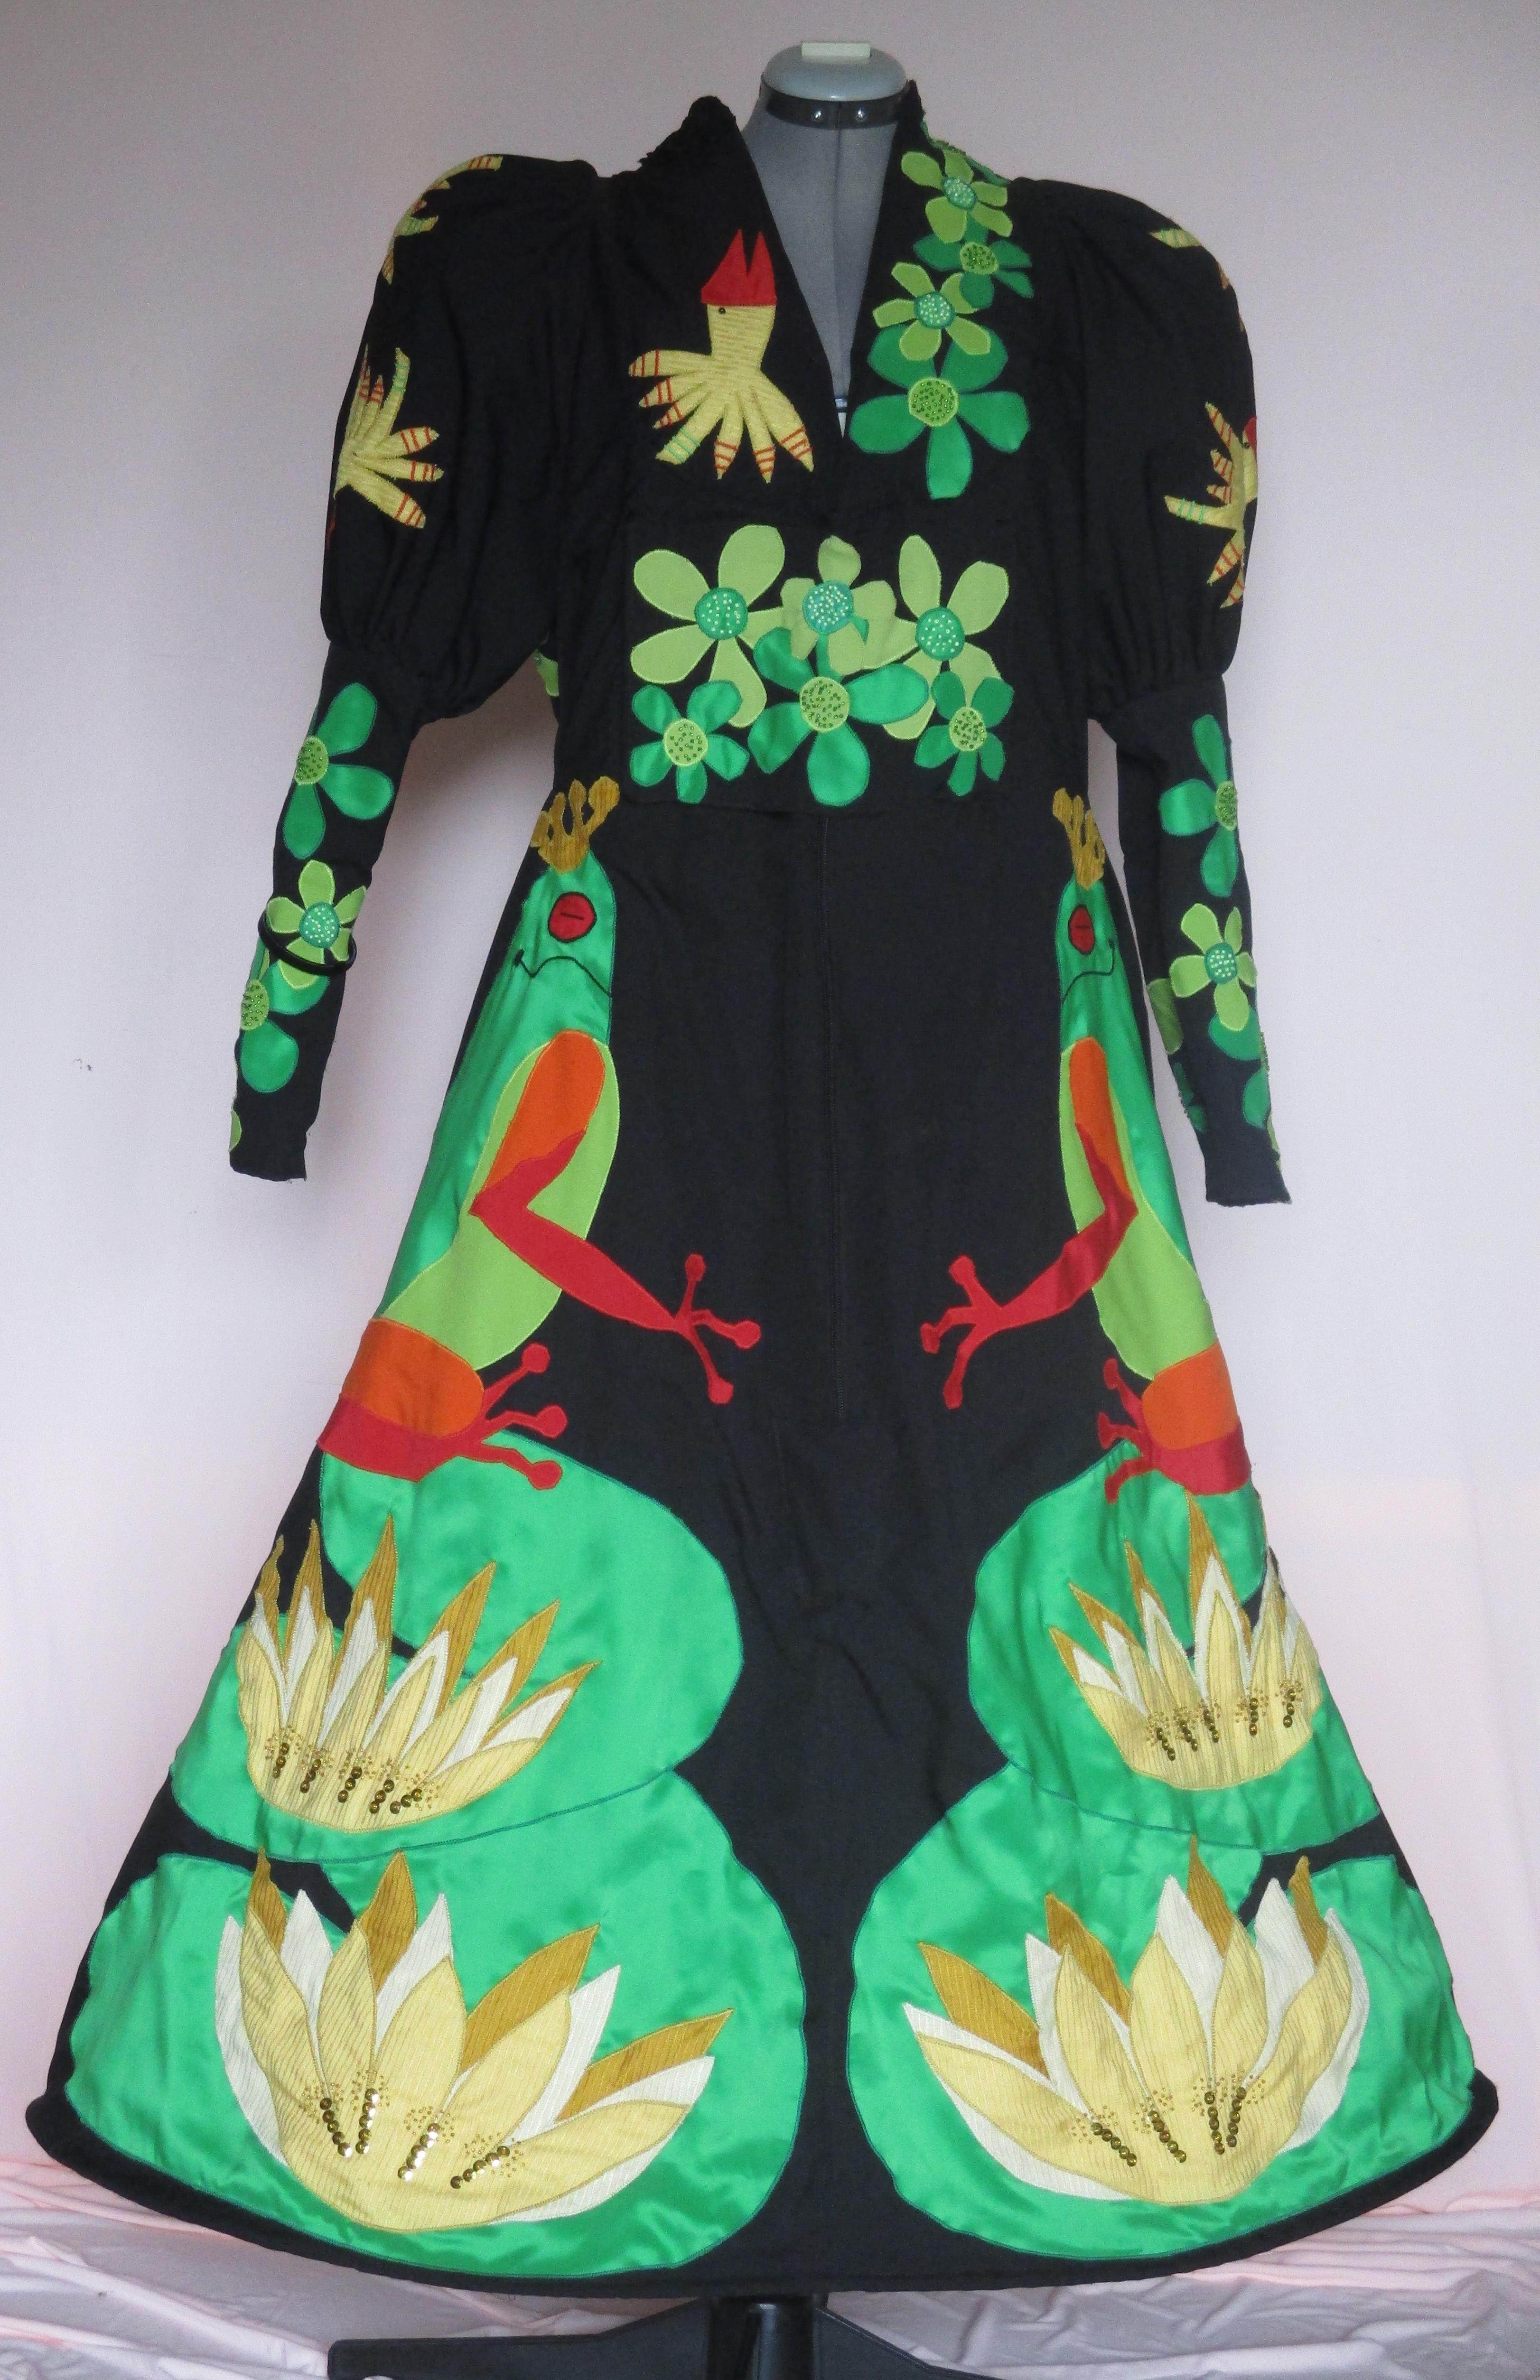 jas met groene kikkers